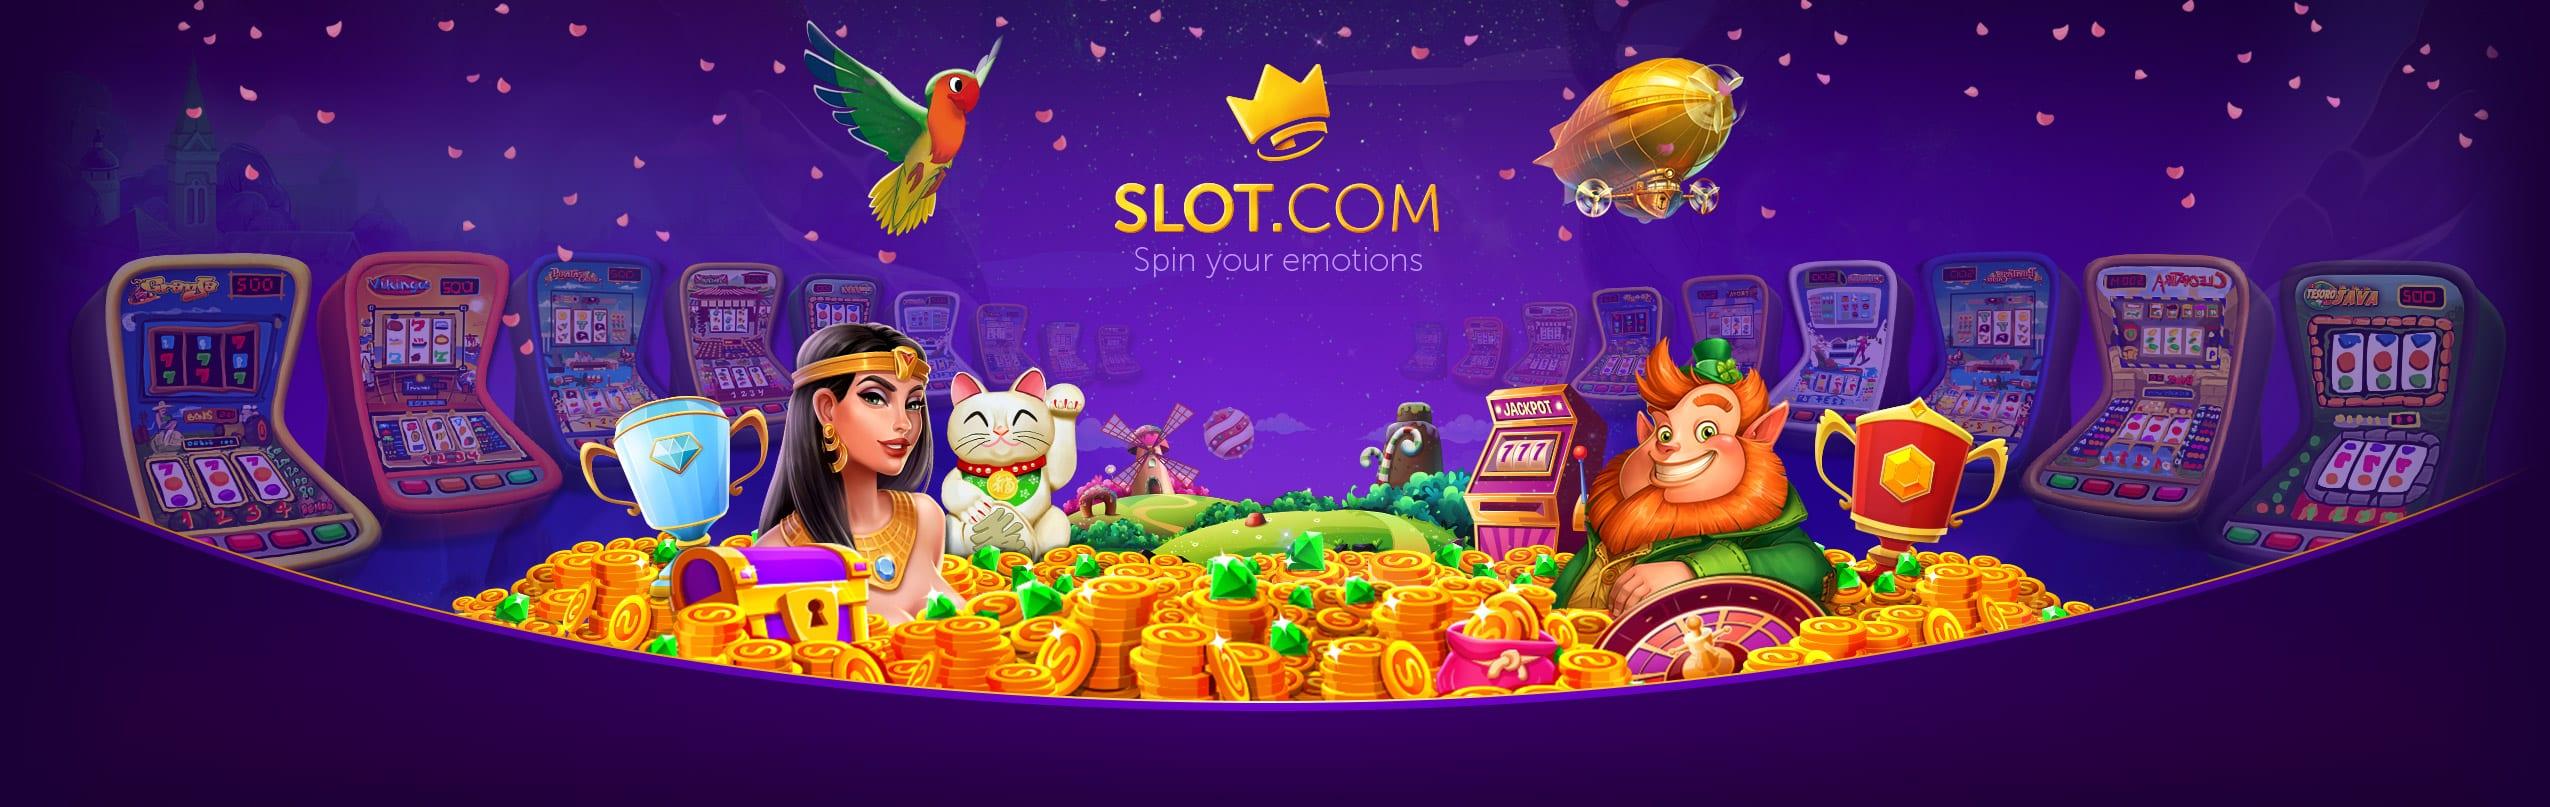 Www Slot